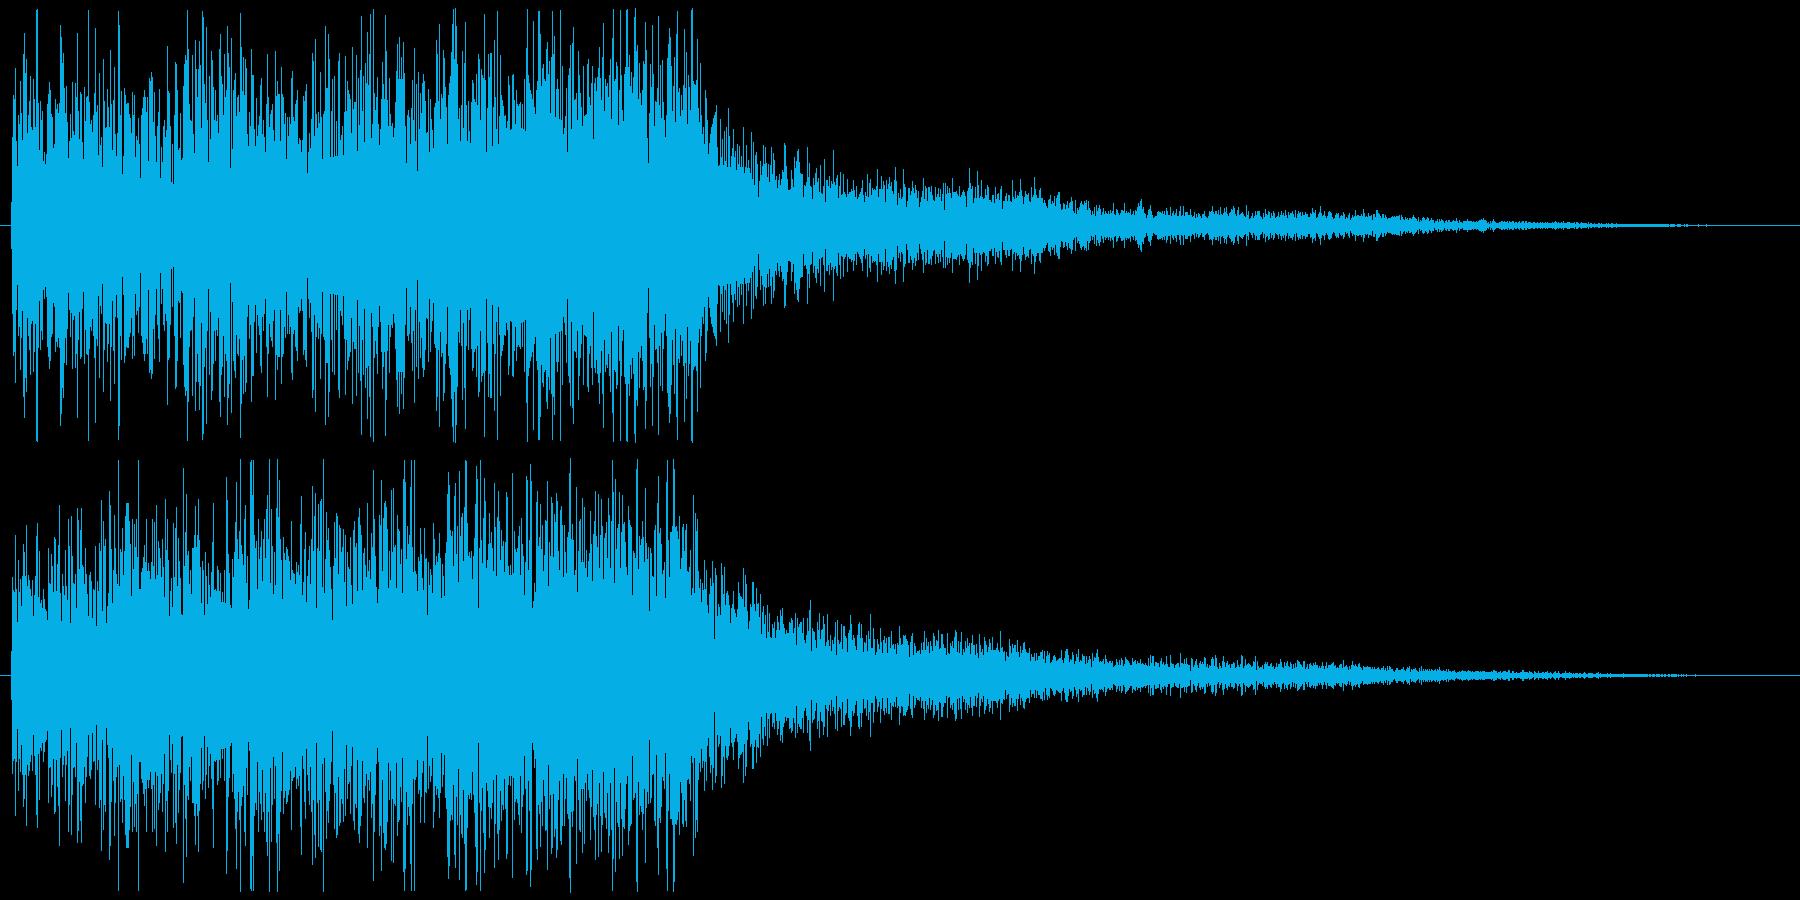 派手な上昇系の音 ゴー グオー ブオーの再生済みの波形